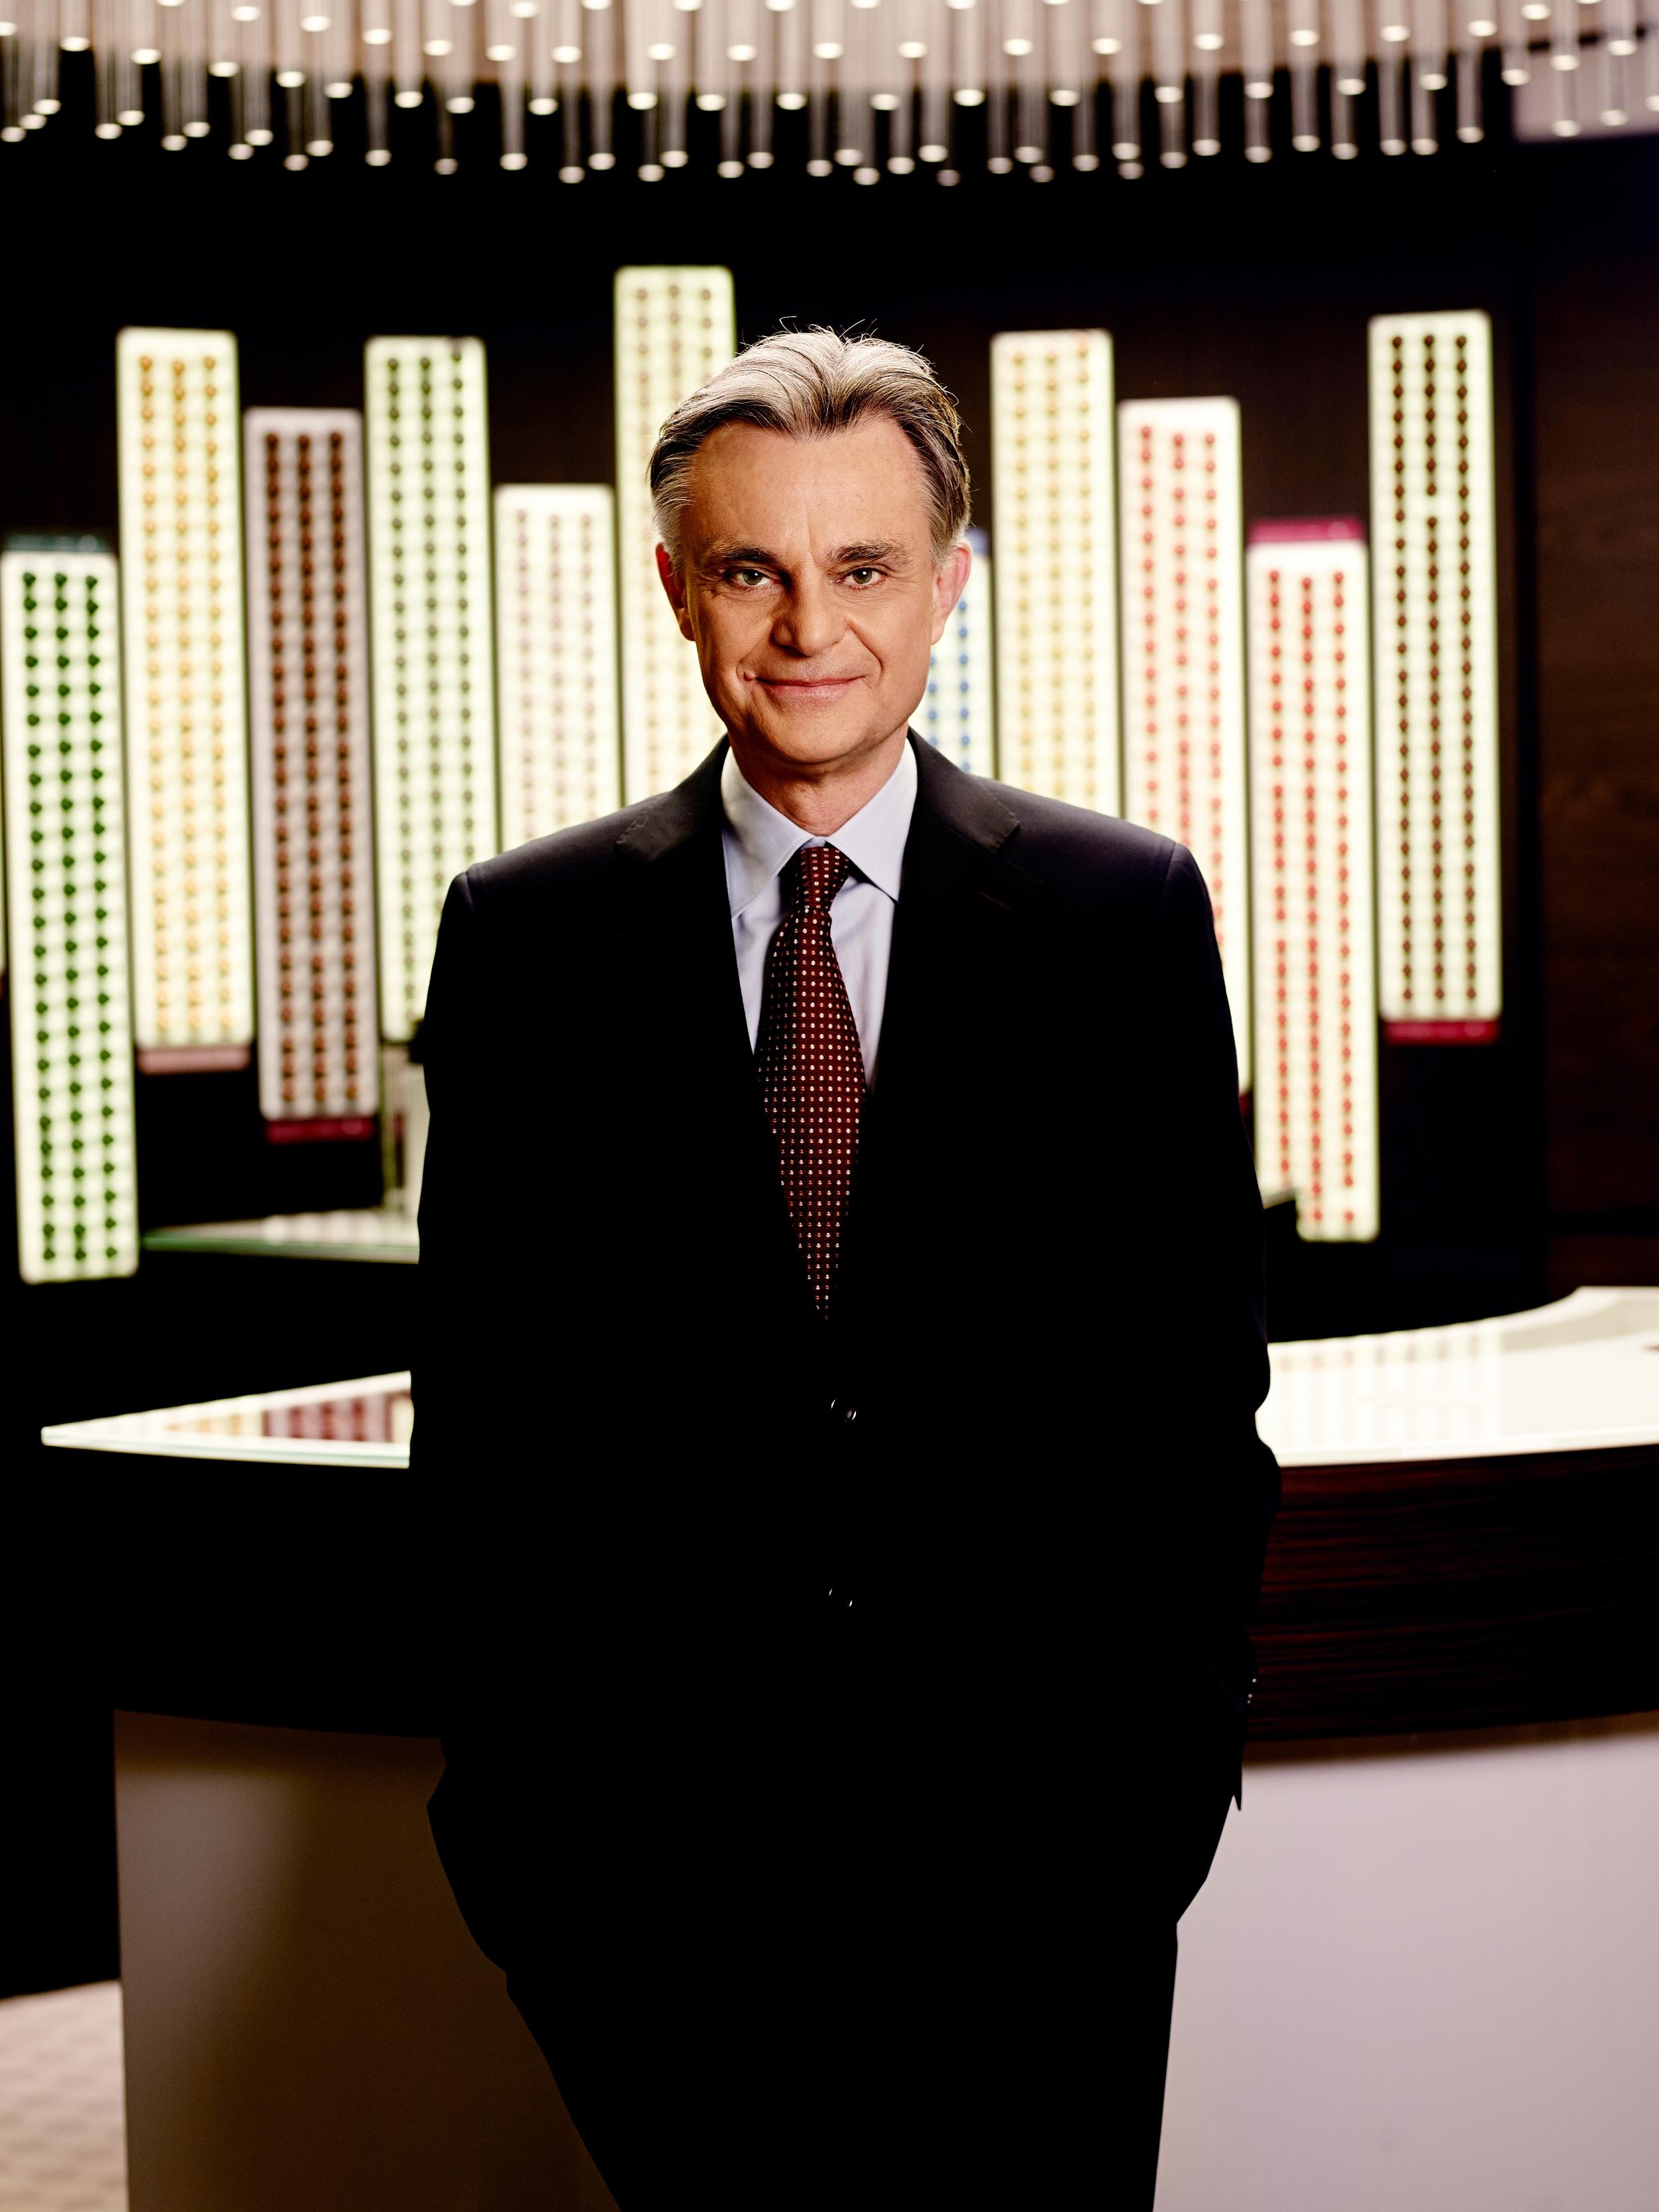 Jean-Marc Duvoisin, Nespresso's CEO